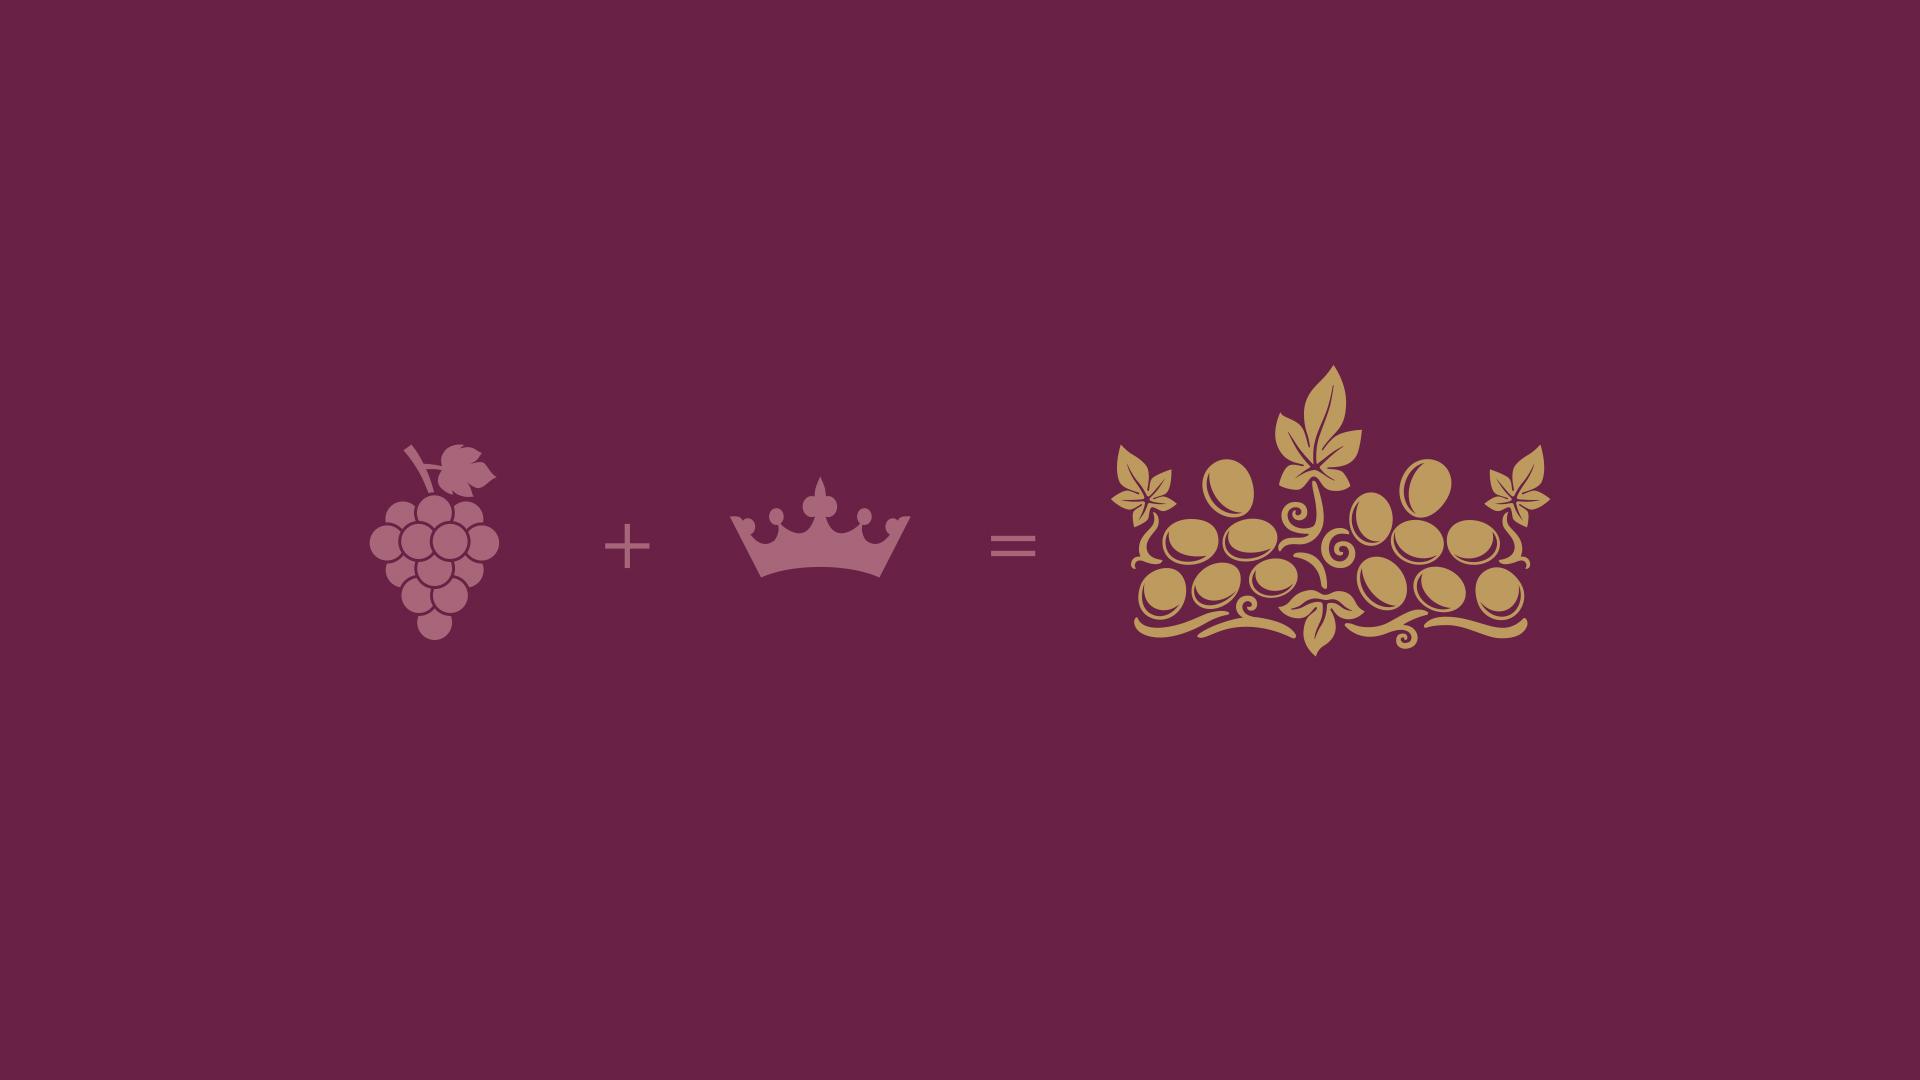 Дизайн-концепция логотипа, развитие идеи